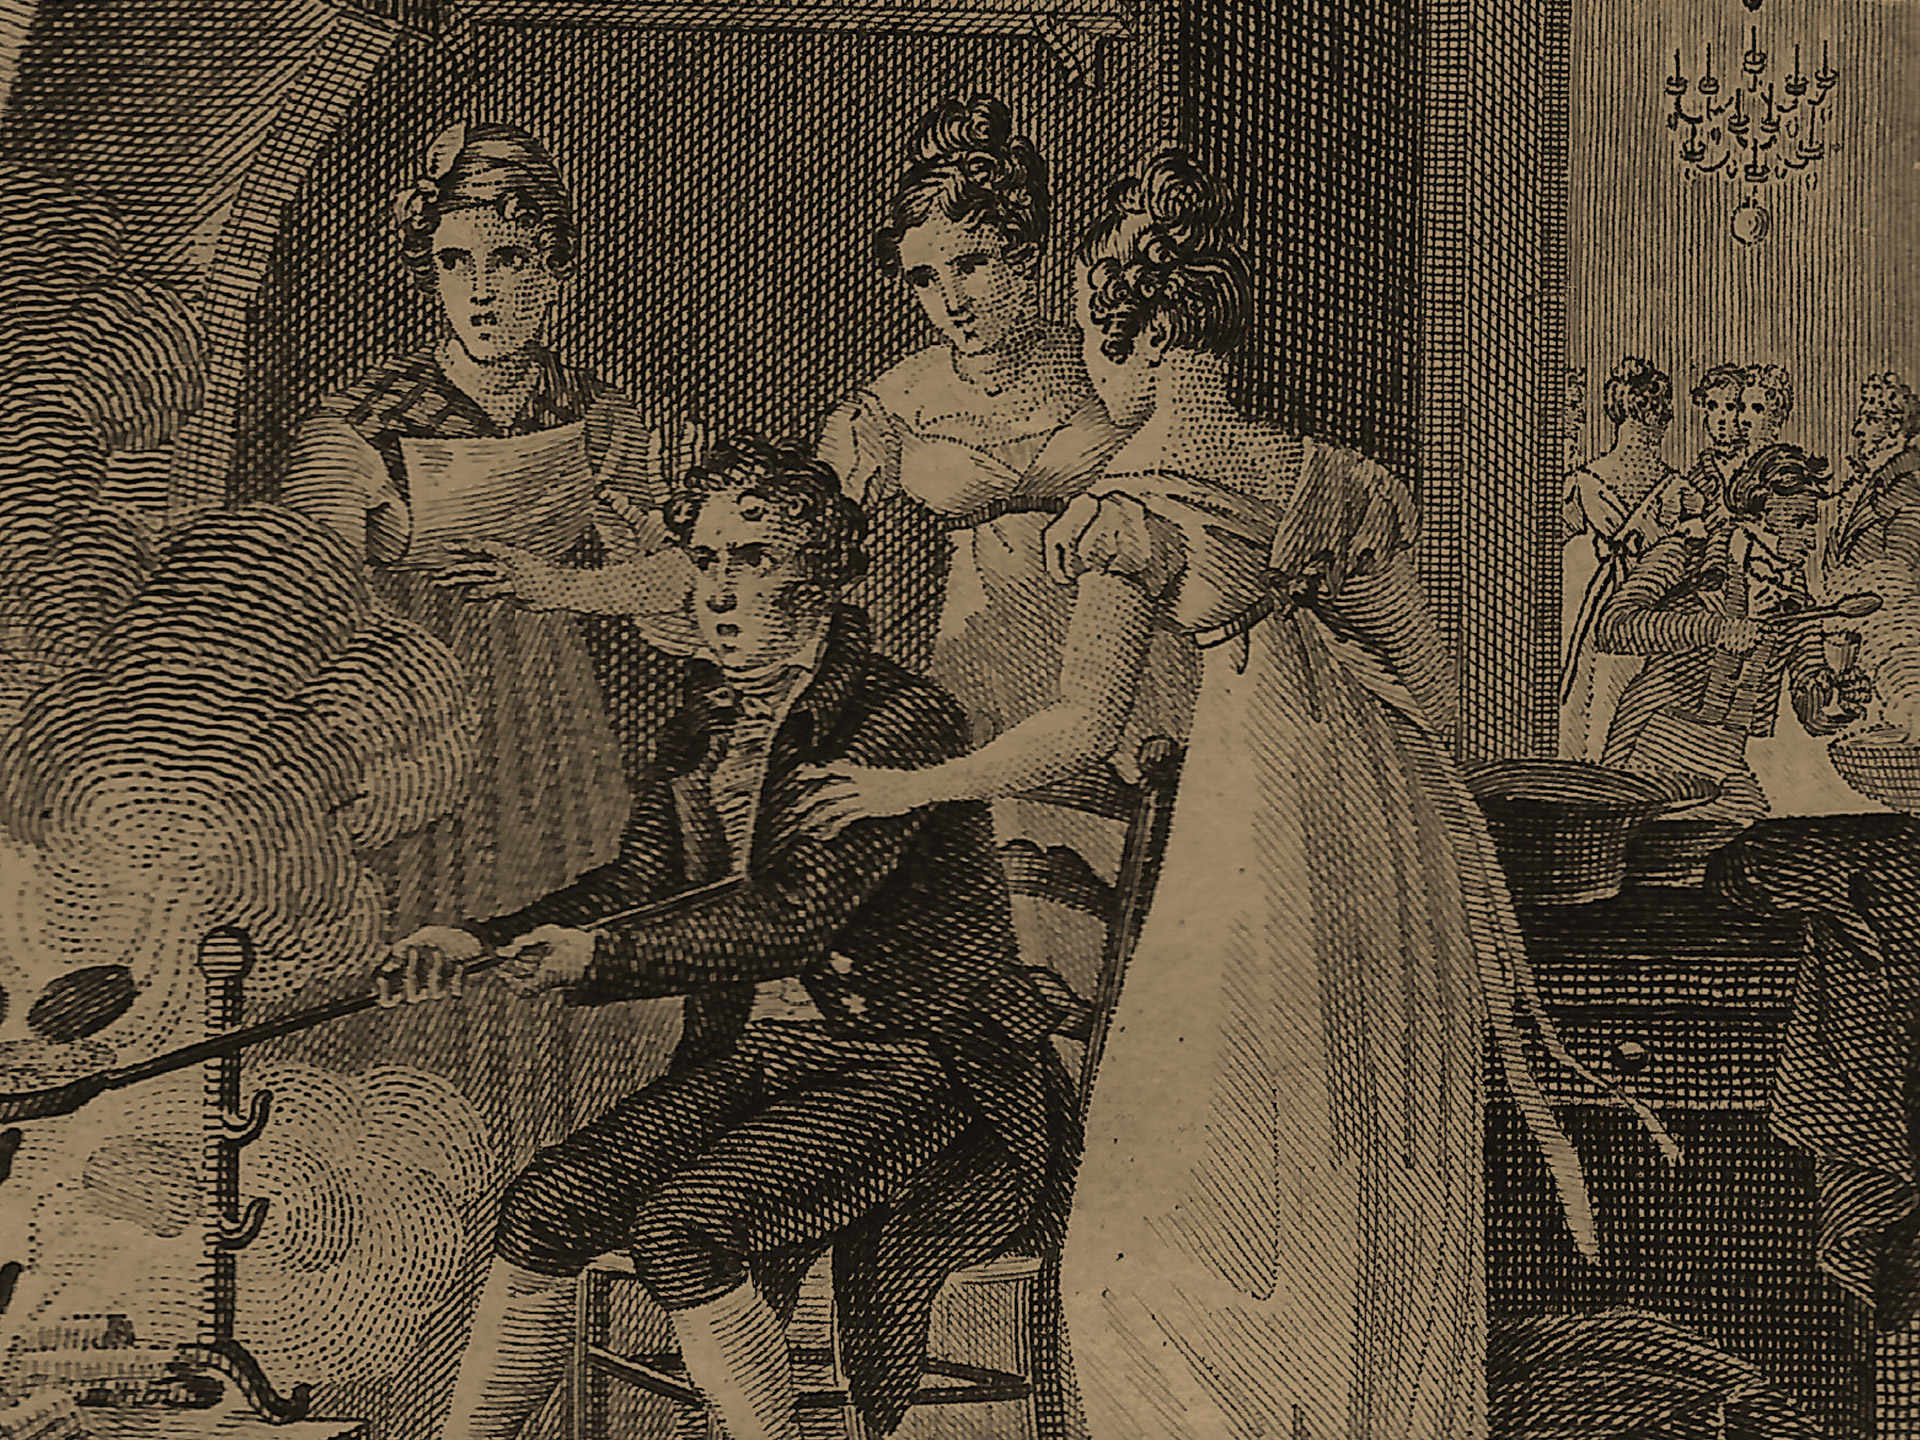 Lithographie-feu-cheminee-1829-les-causeries-culinaires-recettes-ancetres-boutique-cours-cuisine-histoire